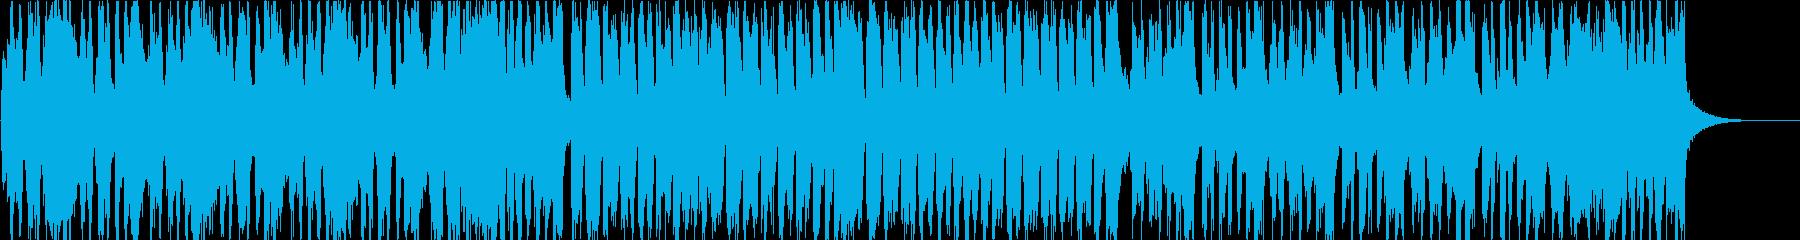 バイオリンで明るく軽快なマーチ風BGMの再生済みの波形